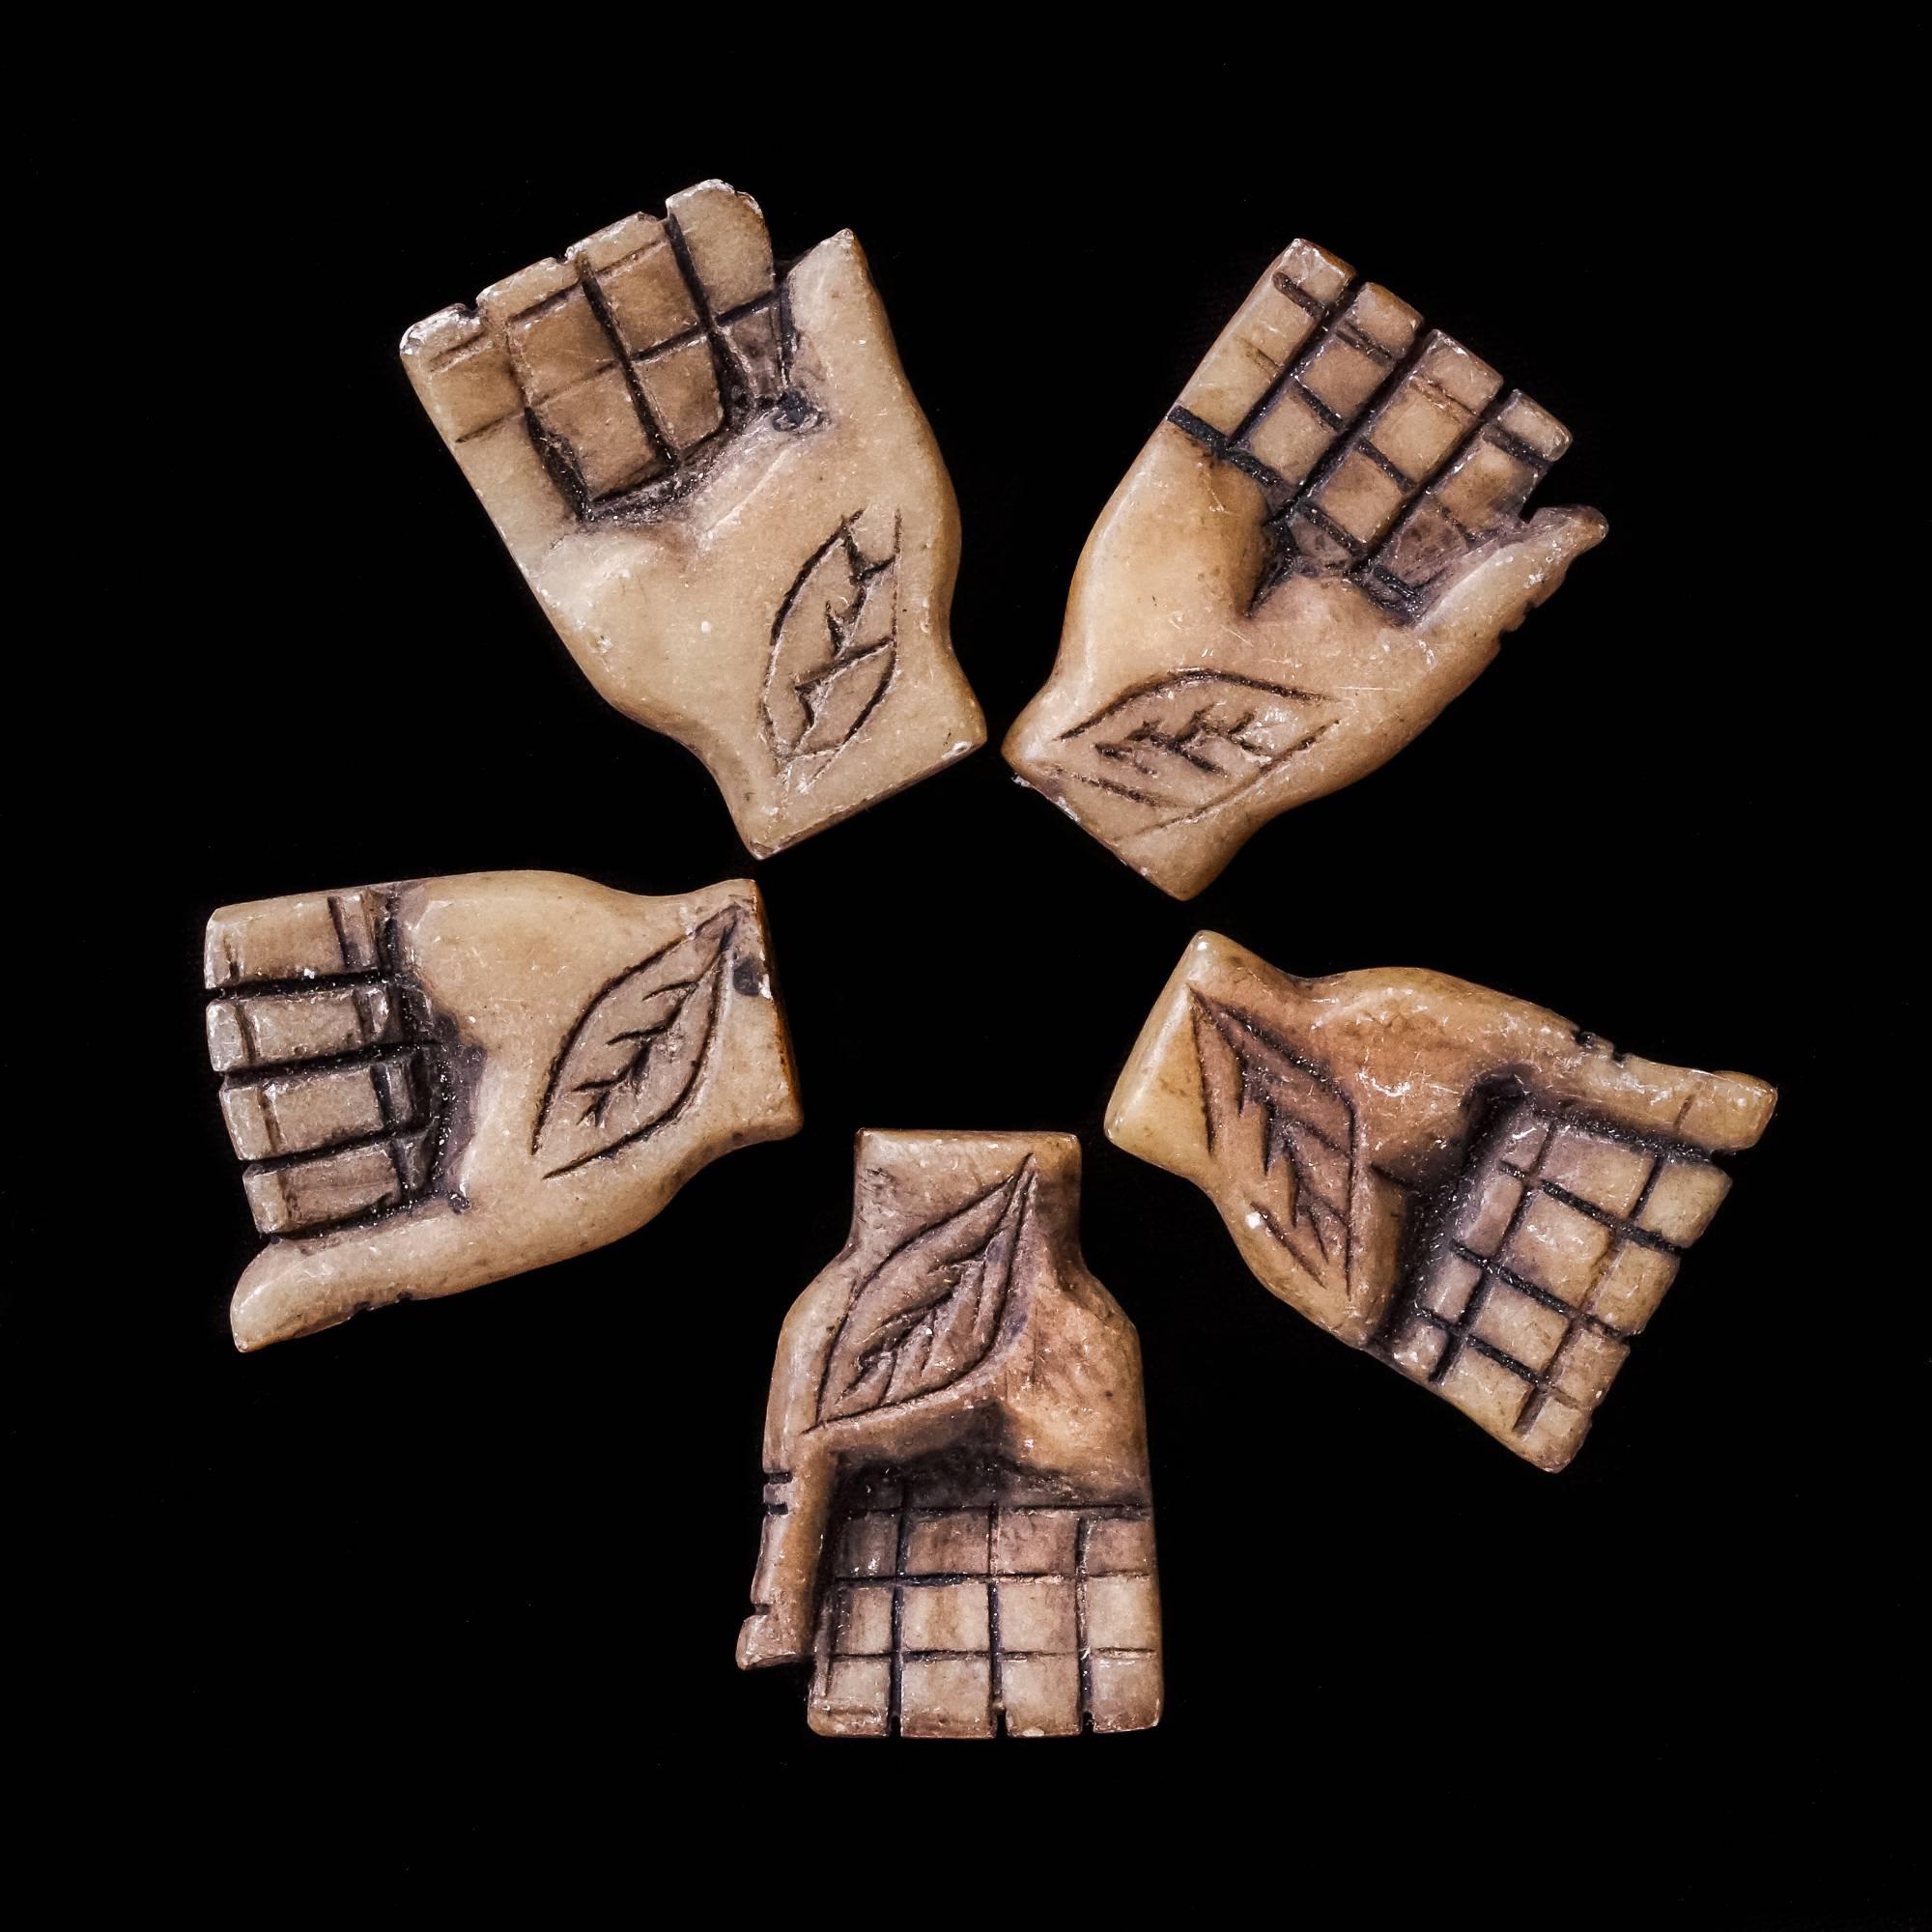 Peruvian Power Hands